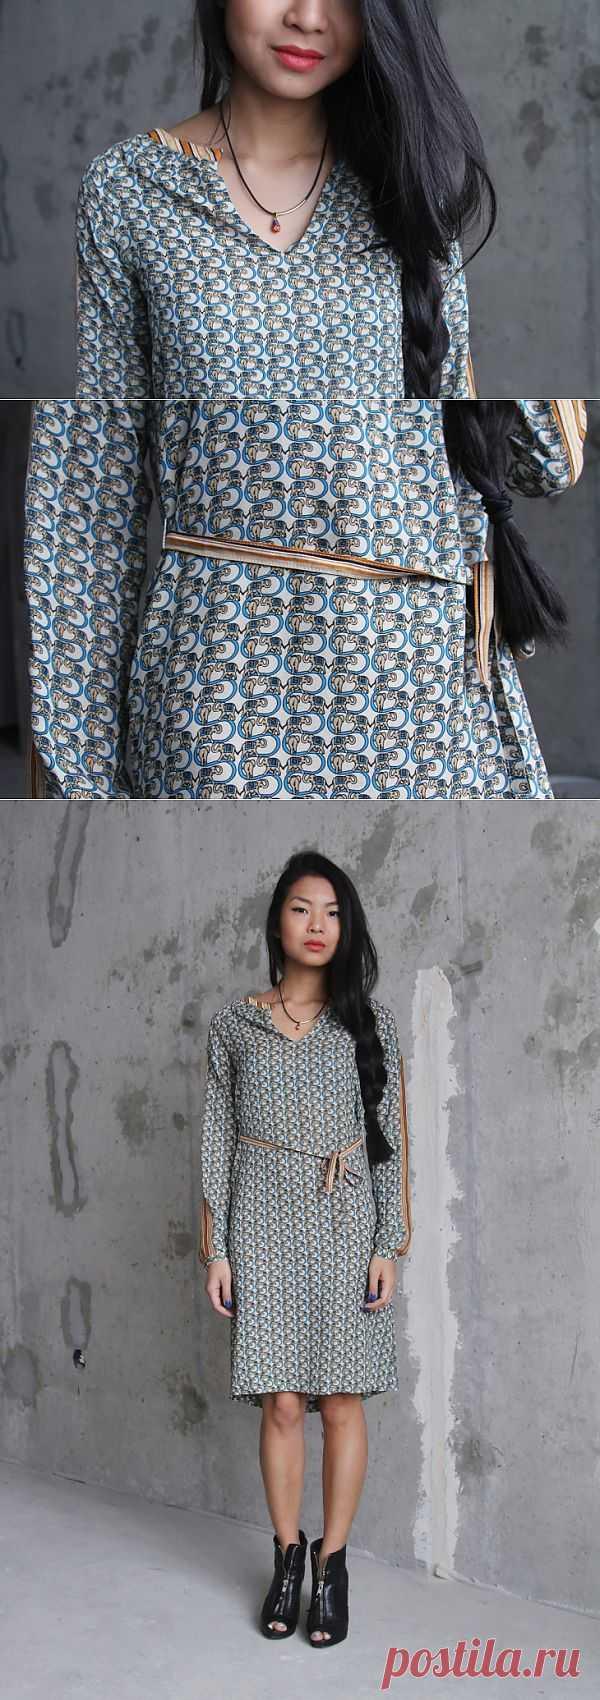 Платье Tory Burch / Вещь / Модный сайт о стильной переделке одежды и интерьера